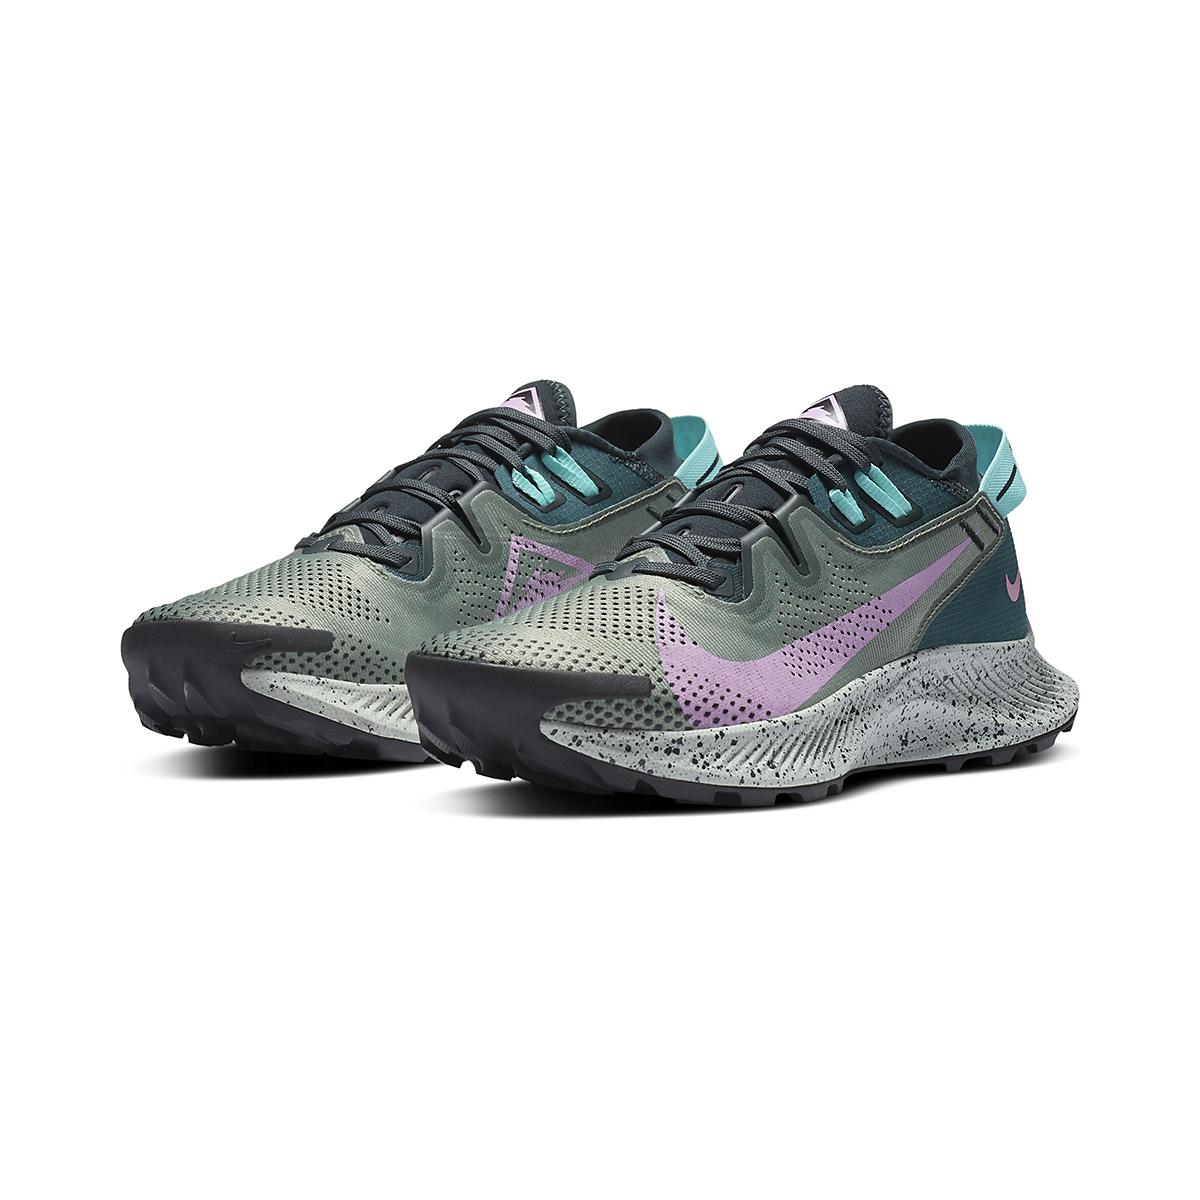 Women's Nike Pegasus Trail 2 Trail Running Shoe - Color: Seaweed/Beyond - Size: 5 - Width: Regular, Seaweed/Beyond, large, image 3